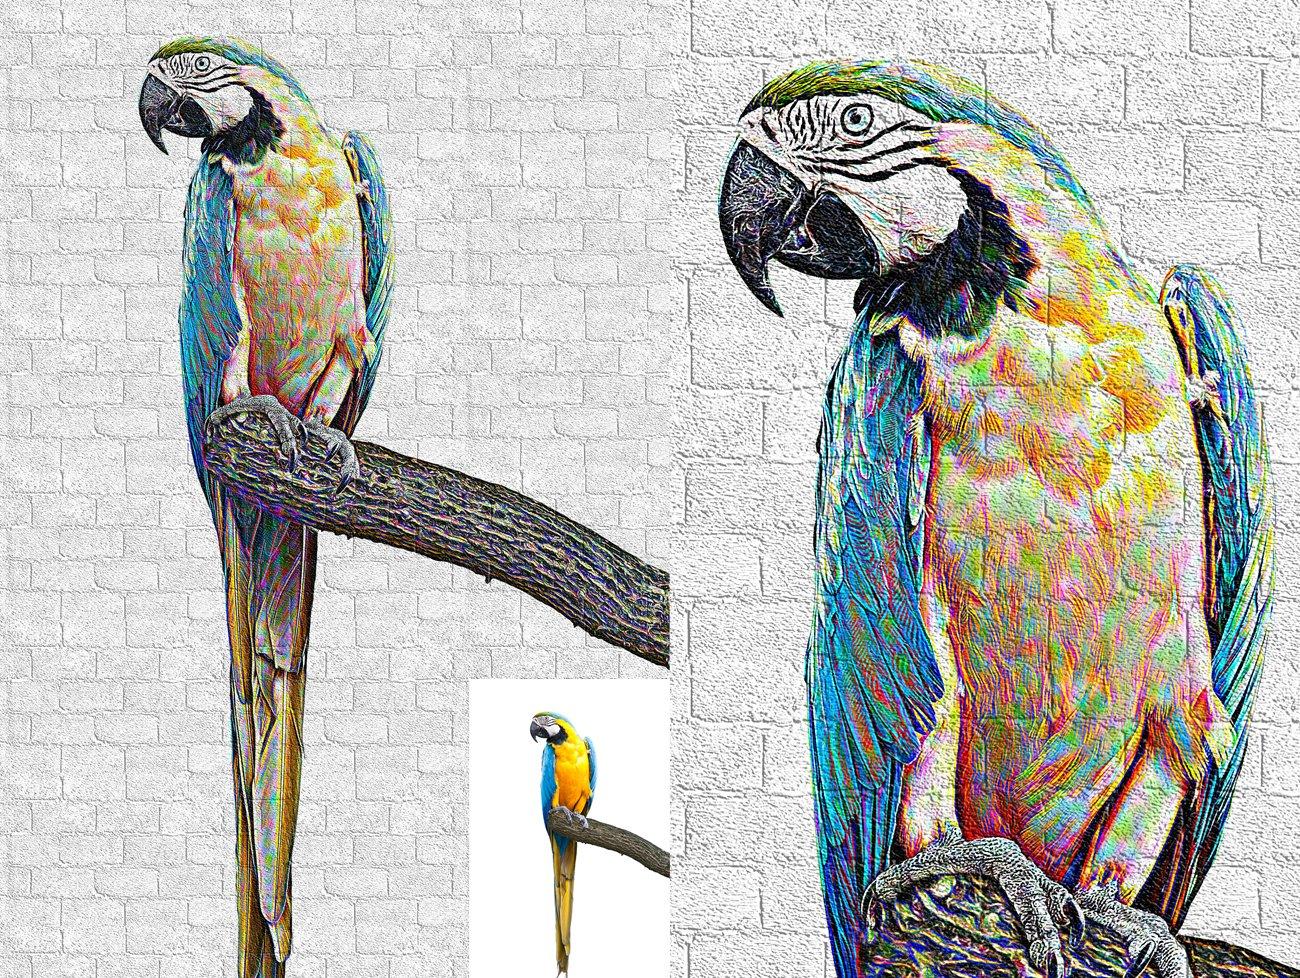 涂鸦艺术照片处理特效PS动作模板 Graffiti Art Photoshop Action插图4